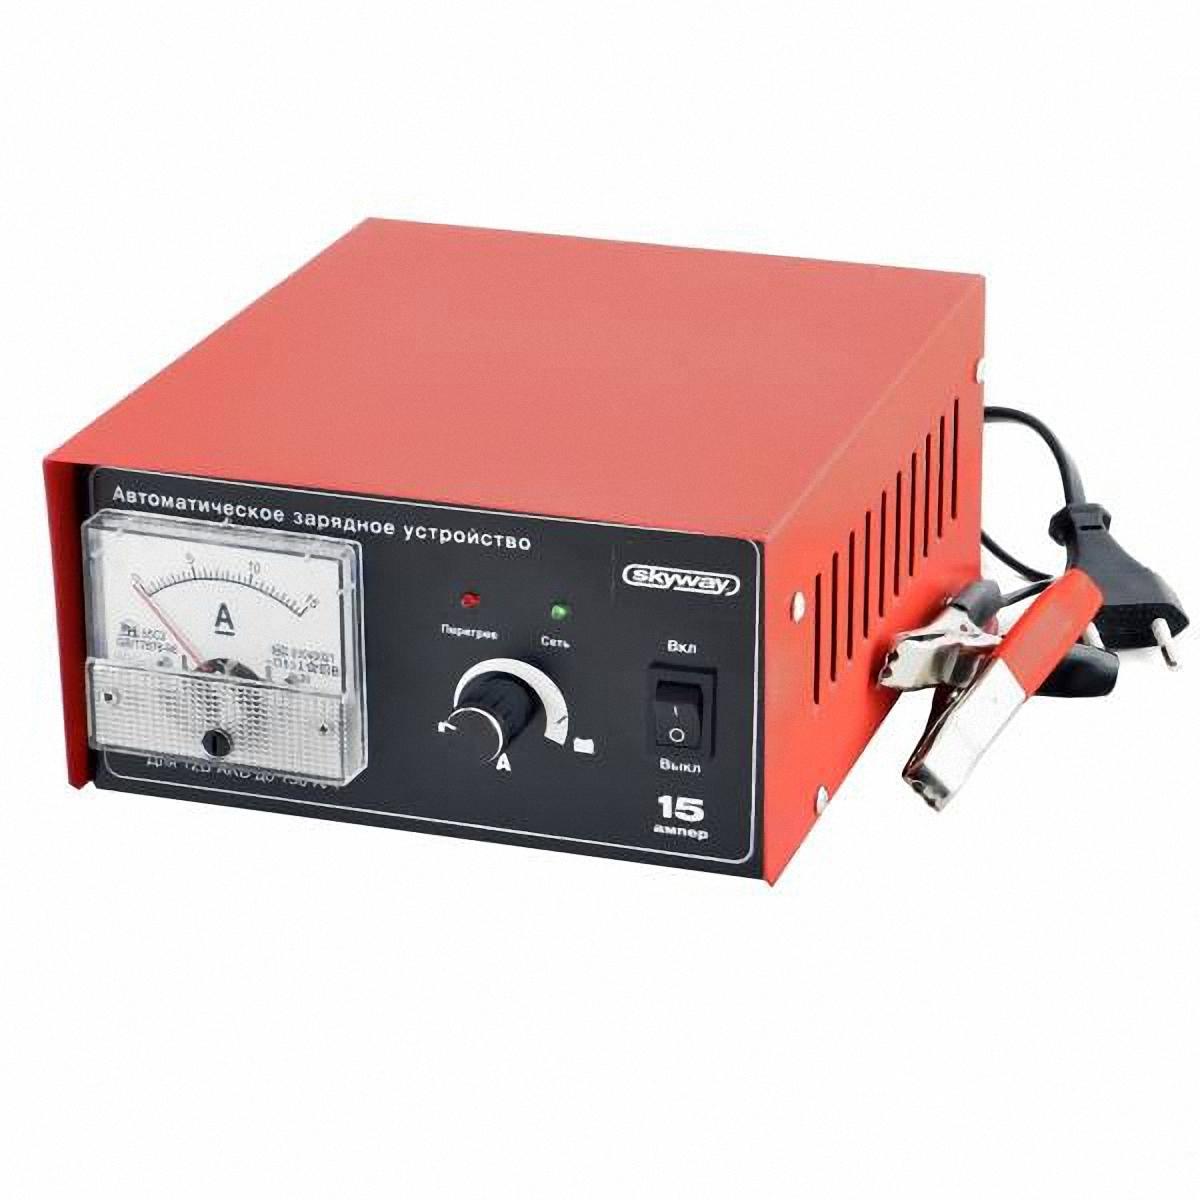 Skyway Зарядное устройство аккумулятора. S03801002S03801002Импульсное автоматическое зарядно-предпусковое устройство для всех типов аккумуляторных батарей 15А. Особенности: Оптимальное сочетание напряжения и тока. Зарядка необслуживаемых АКБ. Зарядка без отключения и снятия АКБ с автомобиля. Использование в качестве источника питания. Режим хранения. Защита неправильного подключения. Защита от перегрузок и короткого замыкания. Защита от перегрева. Для аккумуляторных батарей 12 В. Емкость аккумуляторной батареи - до 150 А/ч. Напряжение питания сети - 180-240В/50 Гц. Потребляемый ток - 1.5 А. Потребляемая мощность - 230 ВТ. Максимальное выходное напряжение - 14,8 В. Ток зарядки - 0,4-15 А.